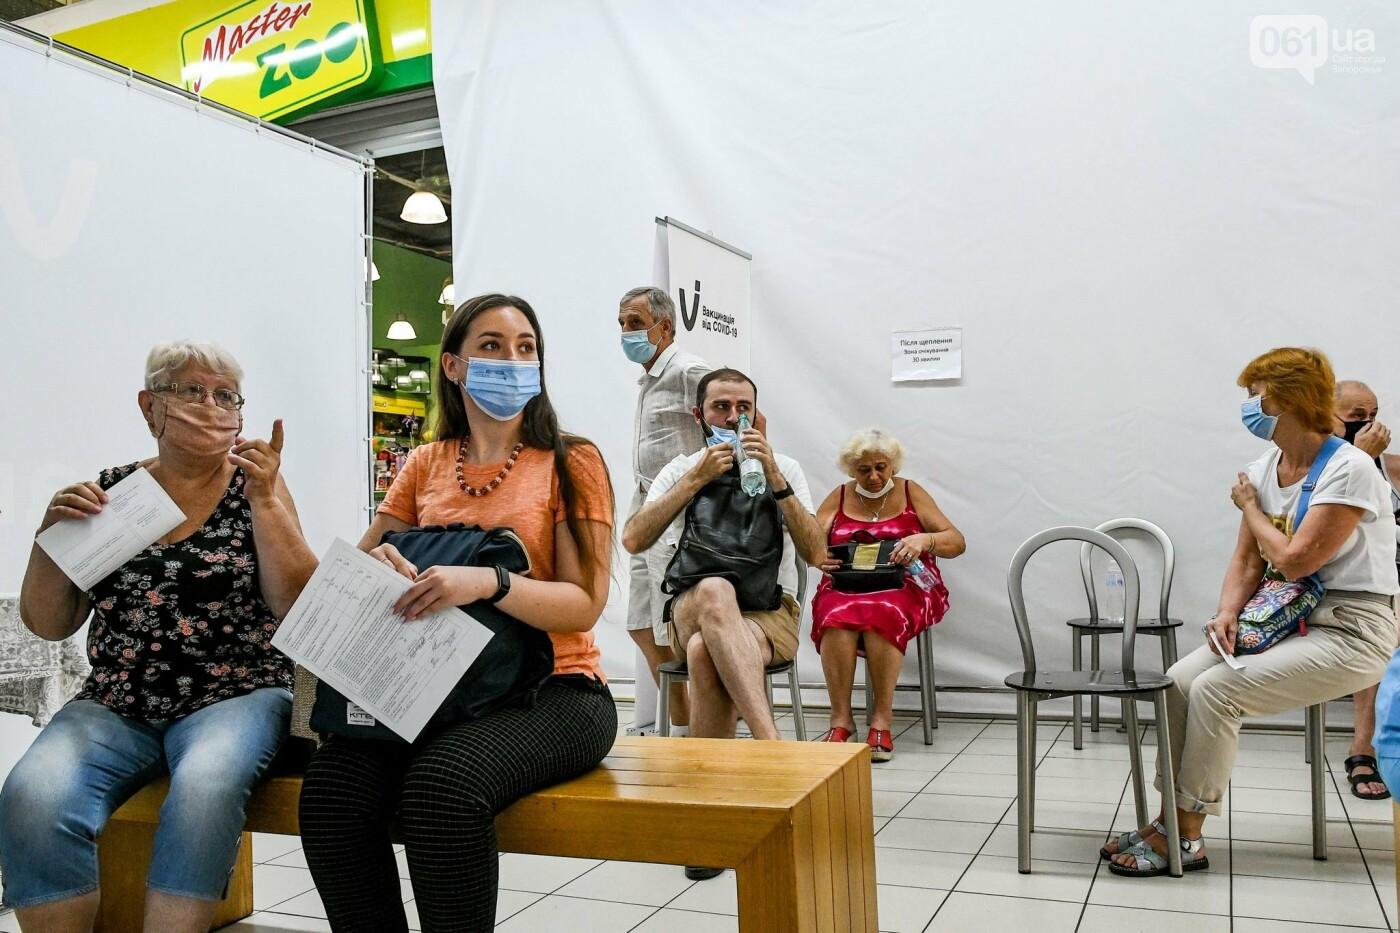 """В Запорожье в """"CITY MALL"""" открылся центр вакцинации: прививают Pfizer, сотни людей стоят в очереди, - ФОТОРЕПОРТАЖ , фото-13"""